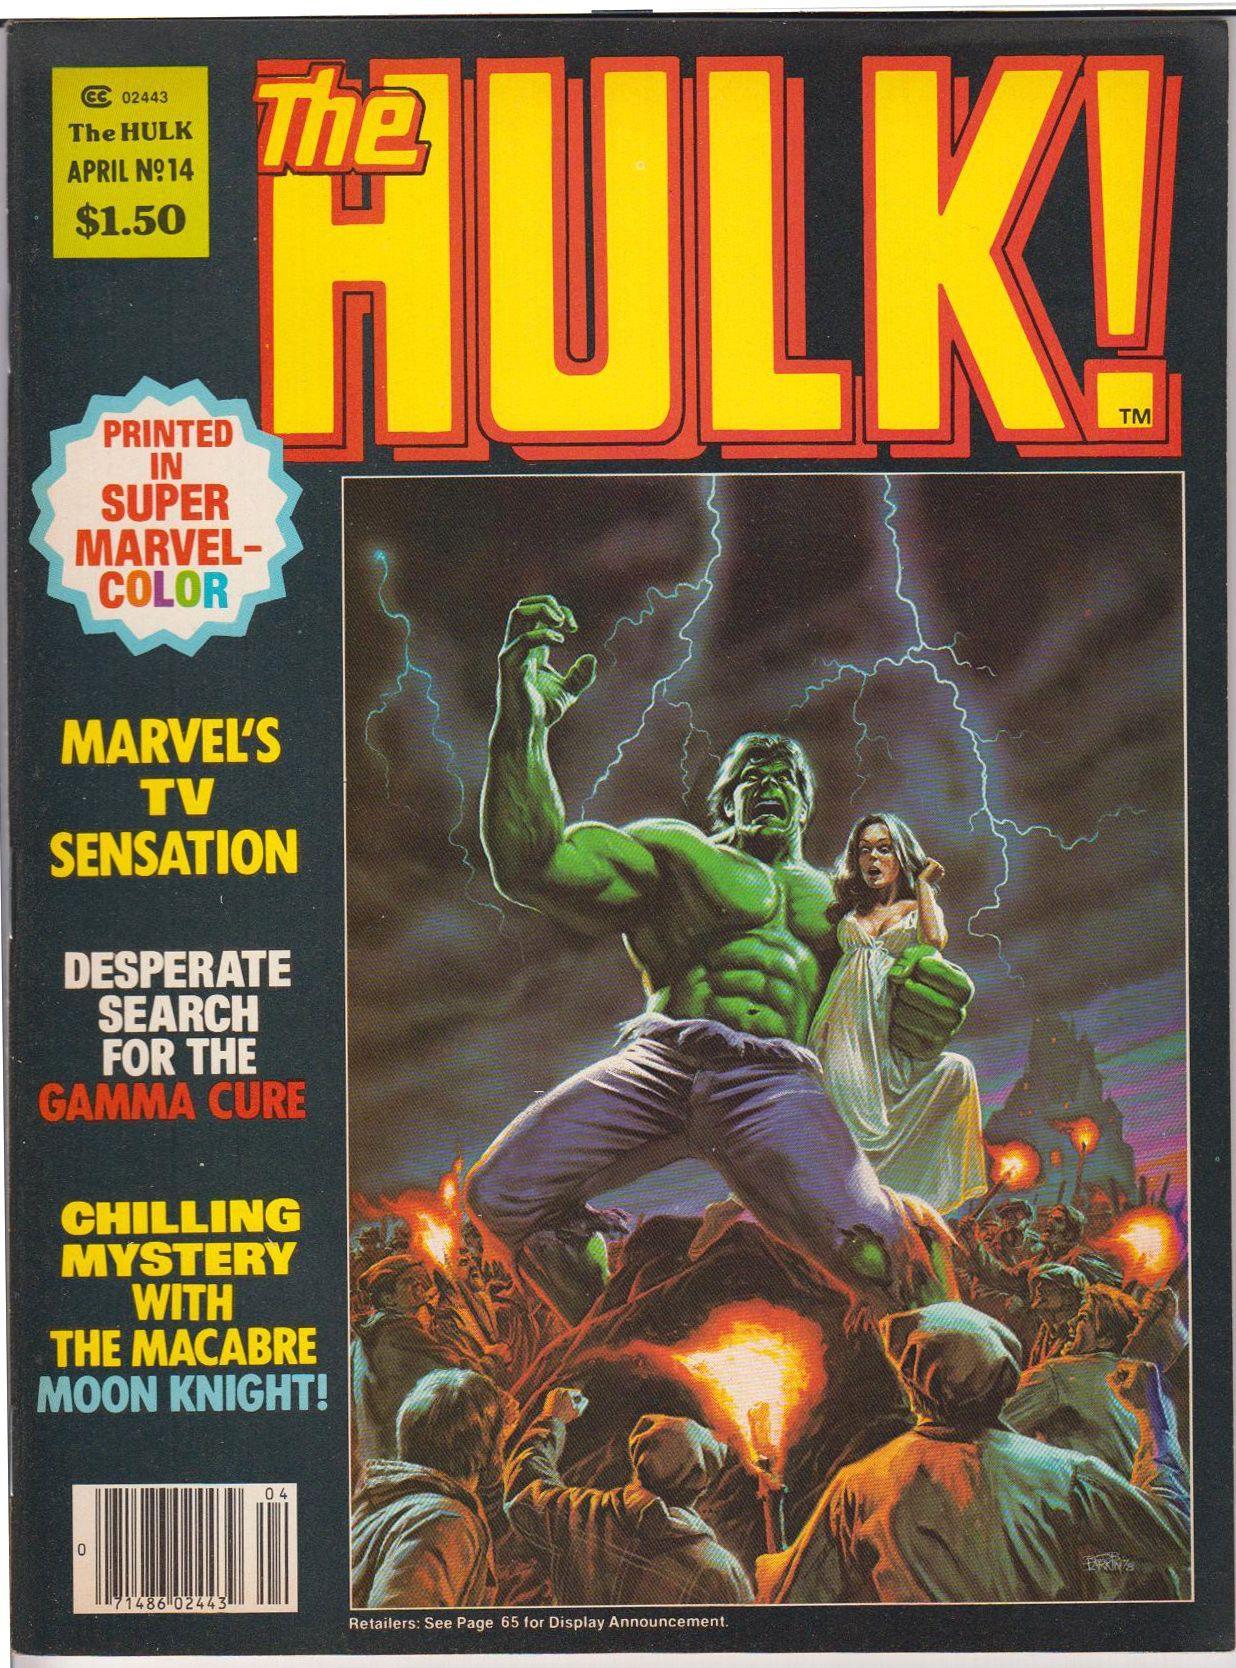 bob-larkin-hulk-cover